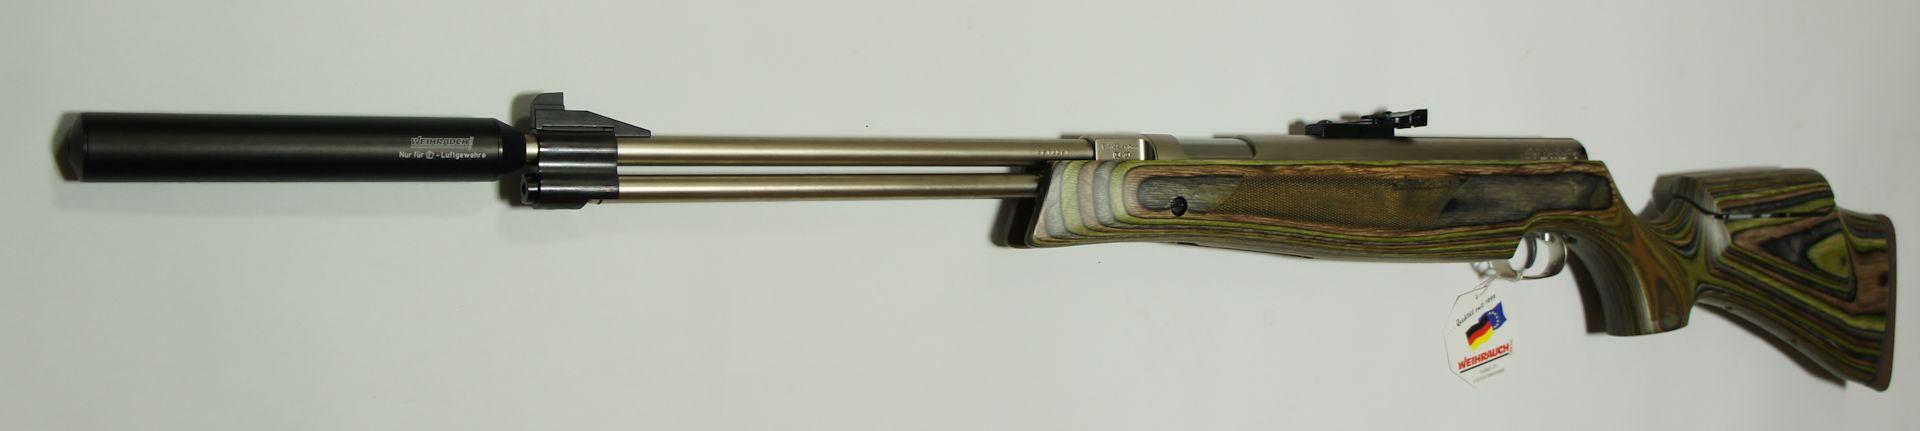 Luftgewehr HW 77 mit verstellbarer Schaftbacke und Zielfernrohr